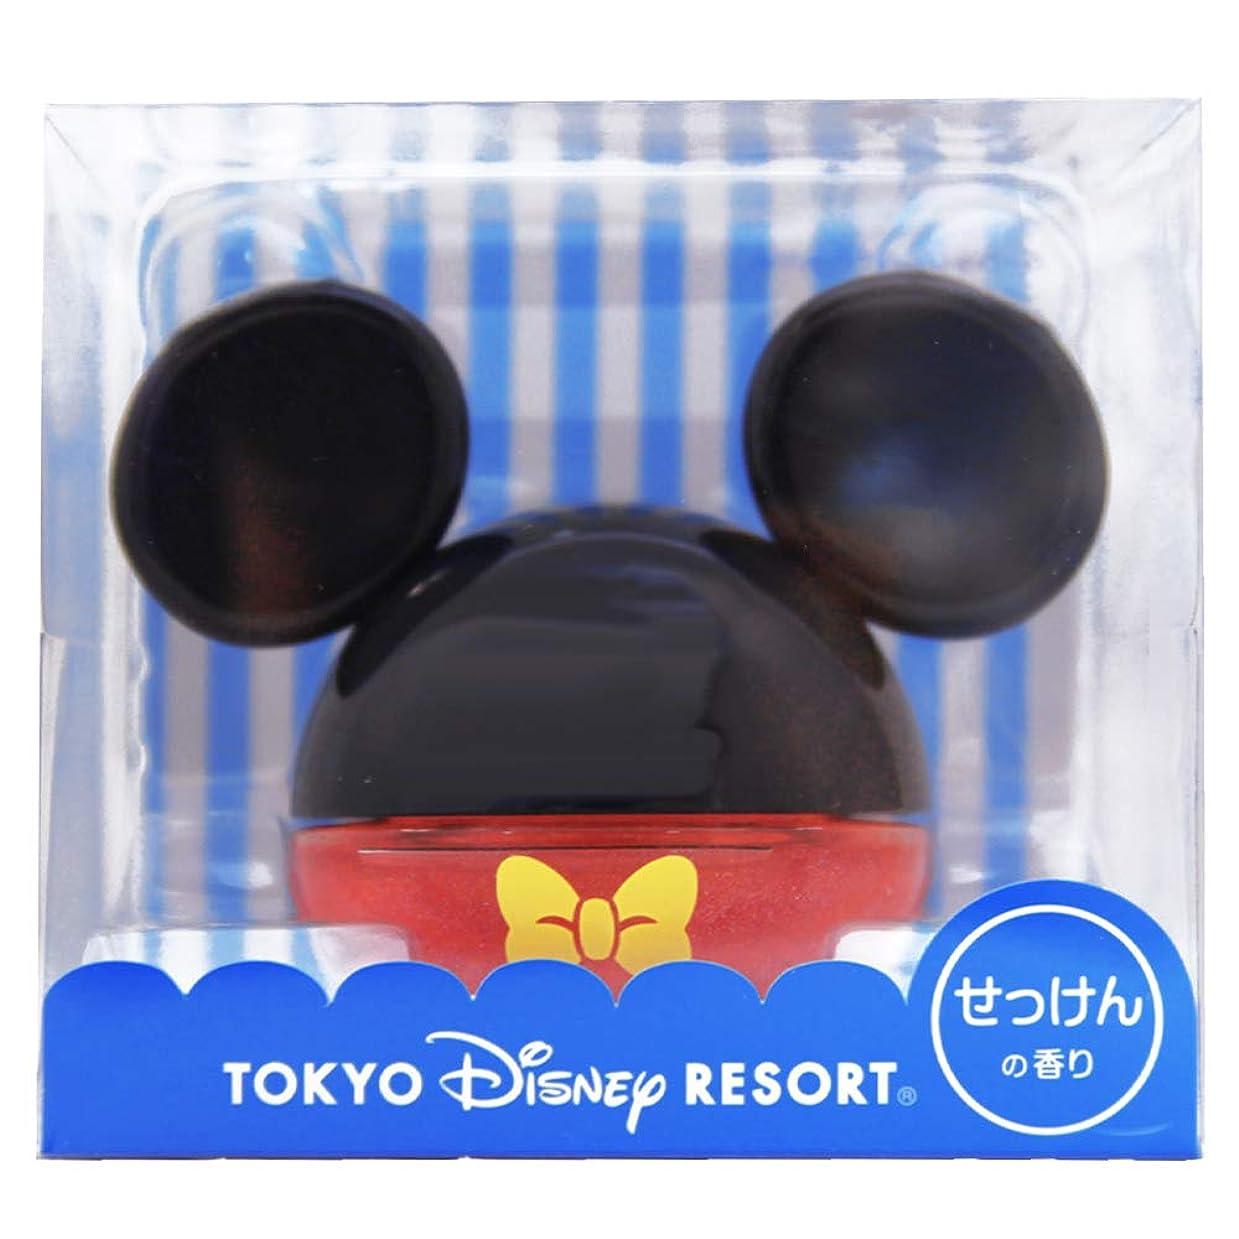 ルームフレグランスジェル ( ミッキー マウス ) せっけんの香り 芳香剤 部屋 ルーム フレグランス ジェル ( ディズニー リゾート限定 お土産 )